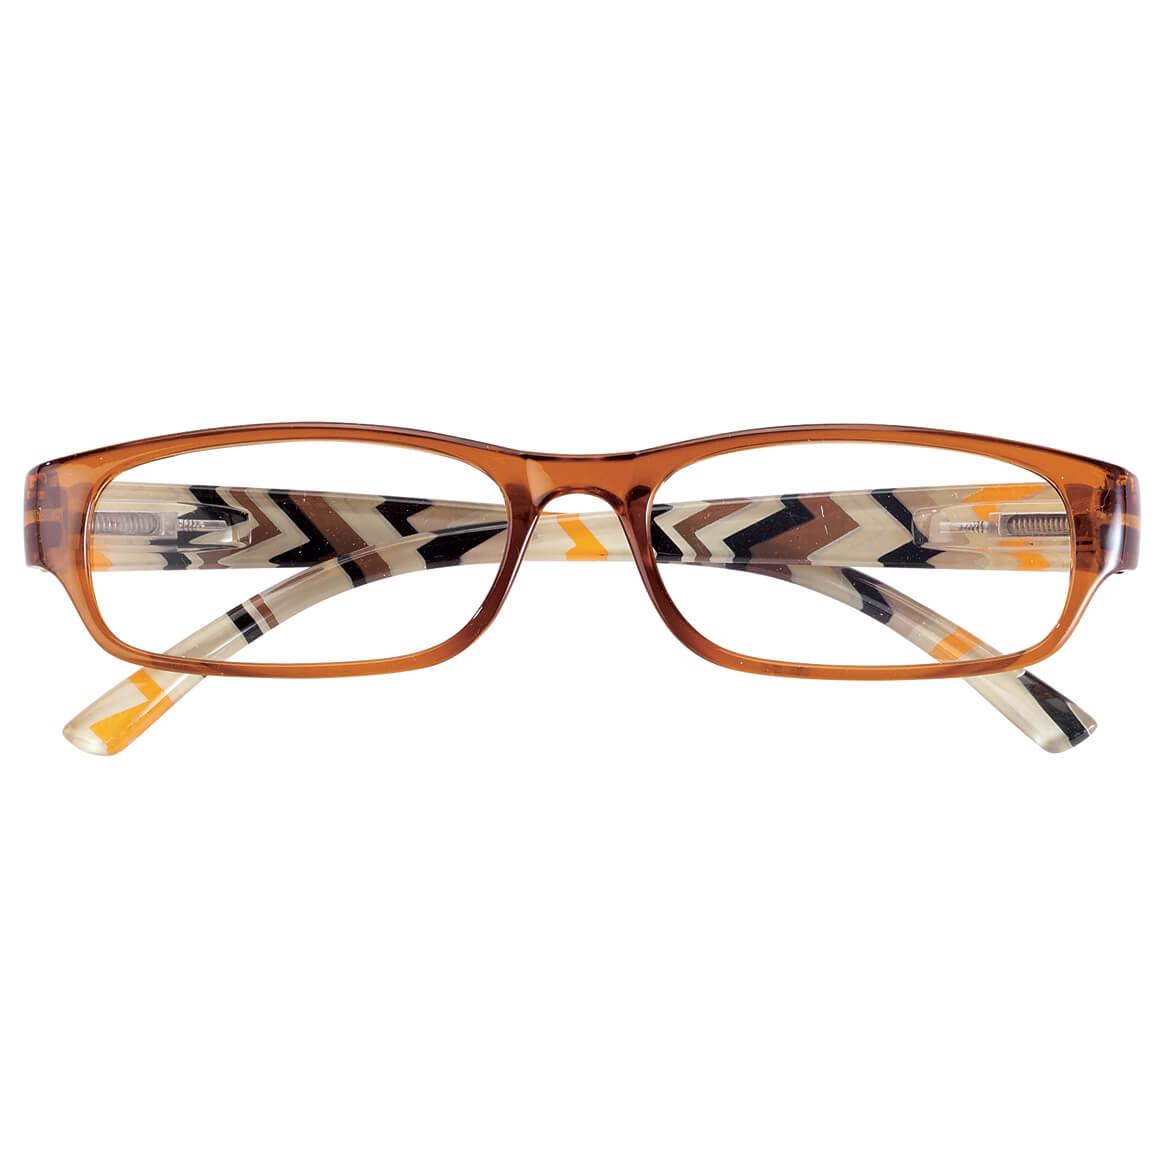 3 Pack Women's Reading Glasses-358532